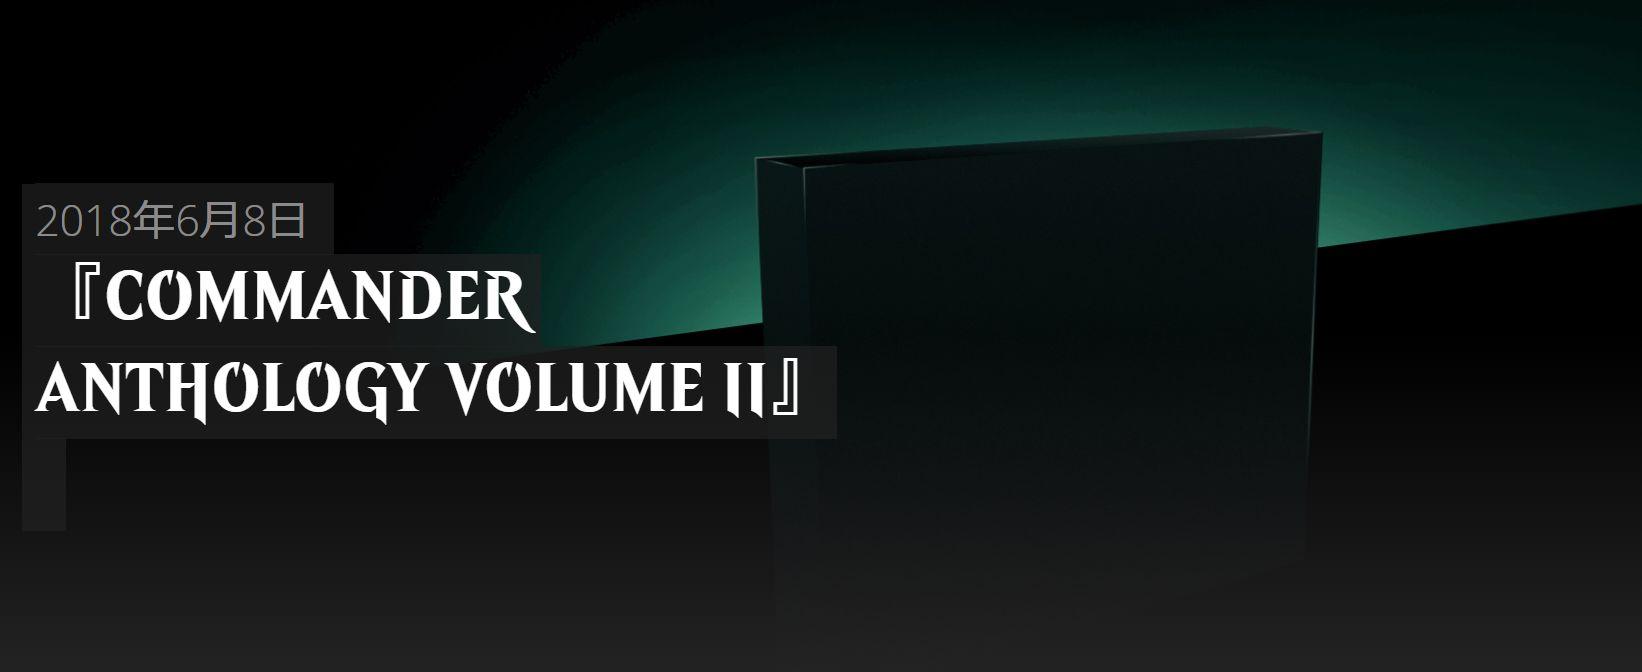 MTG「Commander Anthology(コマンダー アンソロジー)」の第2弾が発売決定!発売日は2018年6月8日!